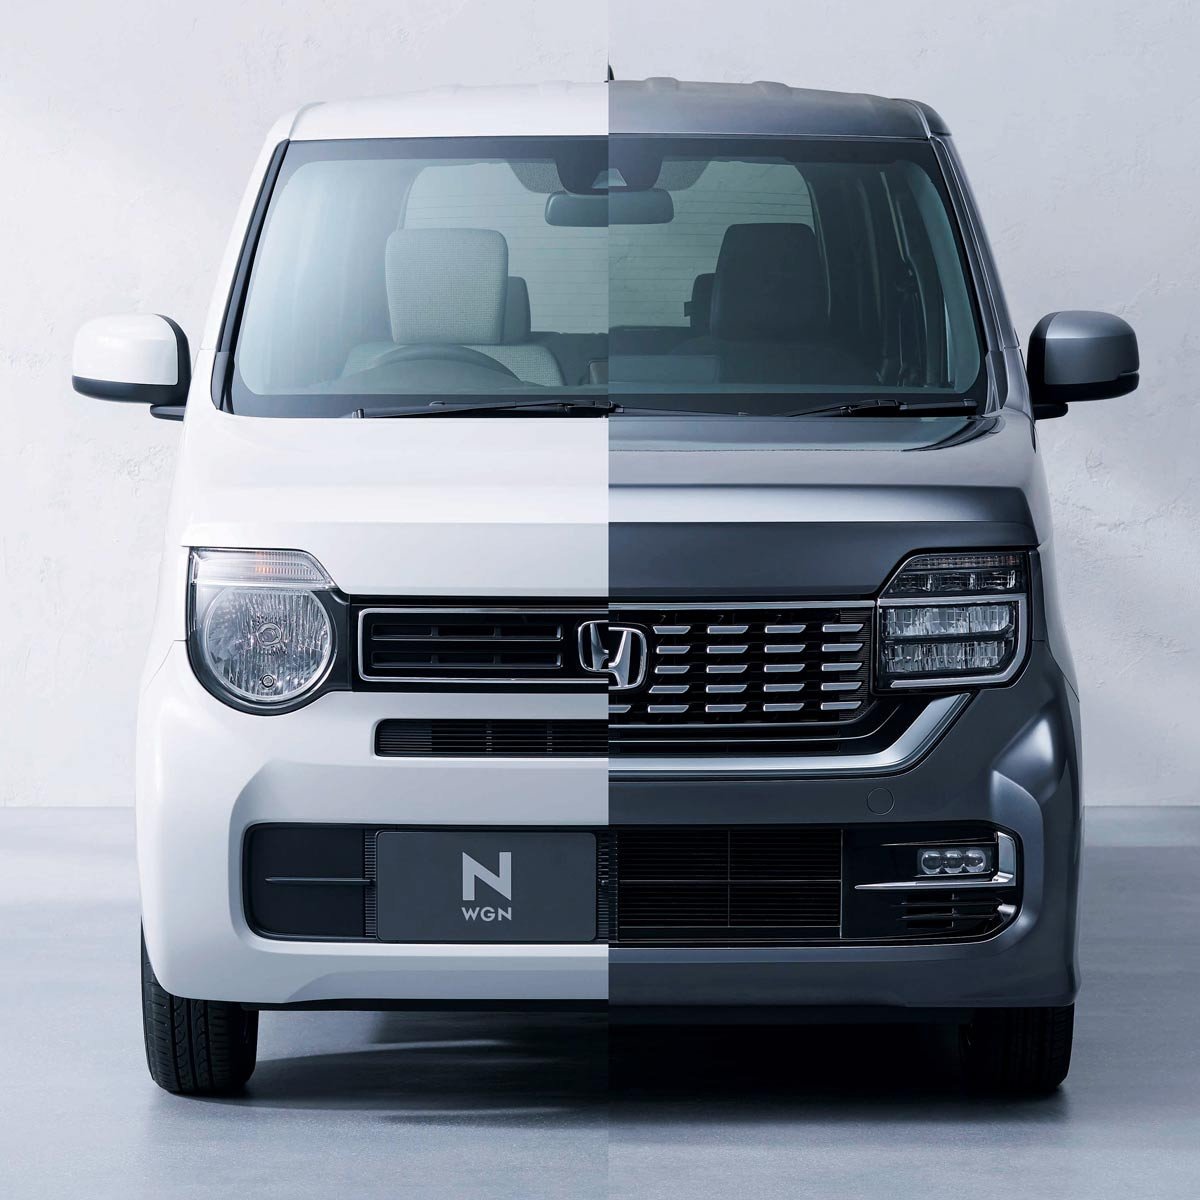 顔が変わったホンダ 新型「N-WGN」7月18日発売!判明している情報を先行でお届け